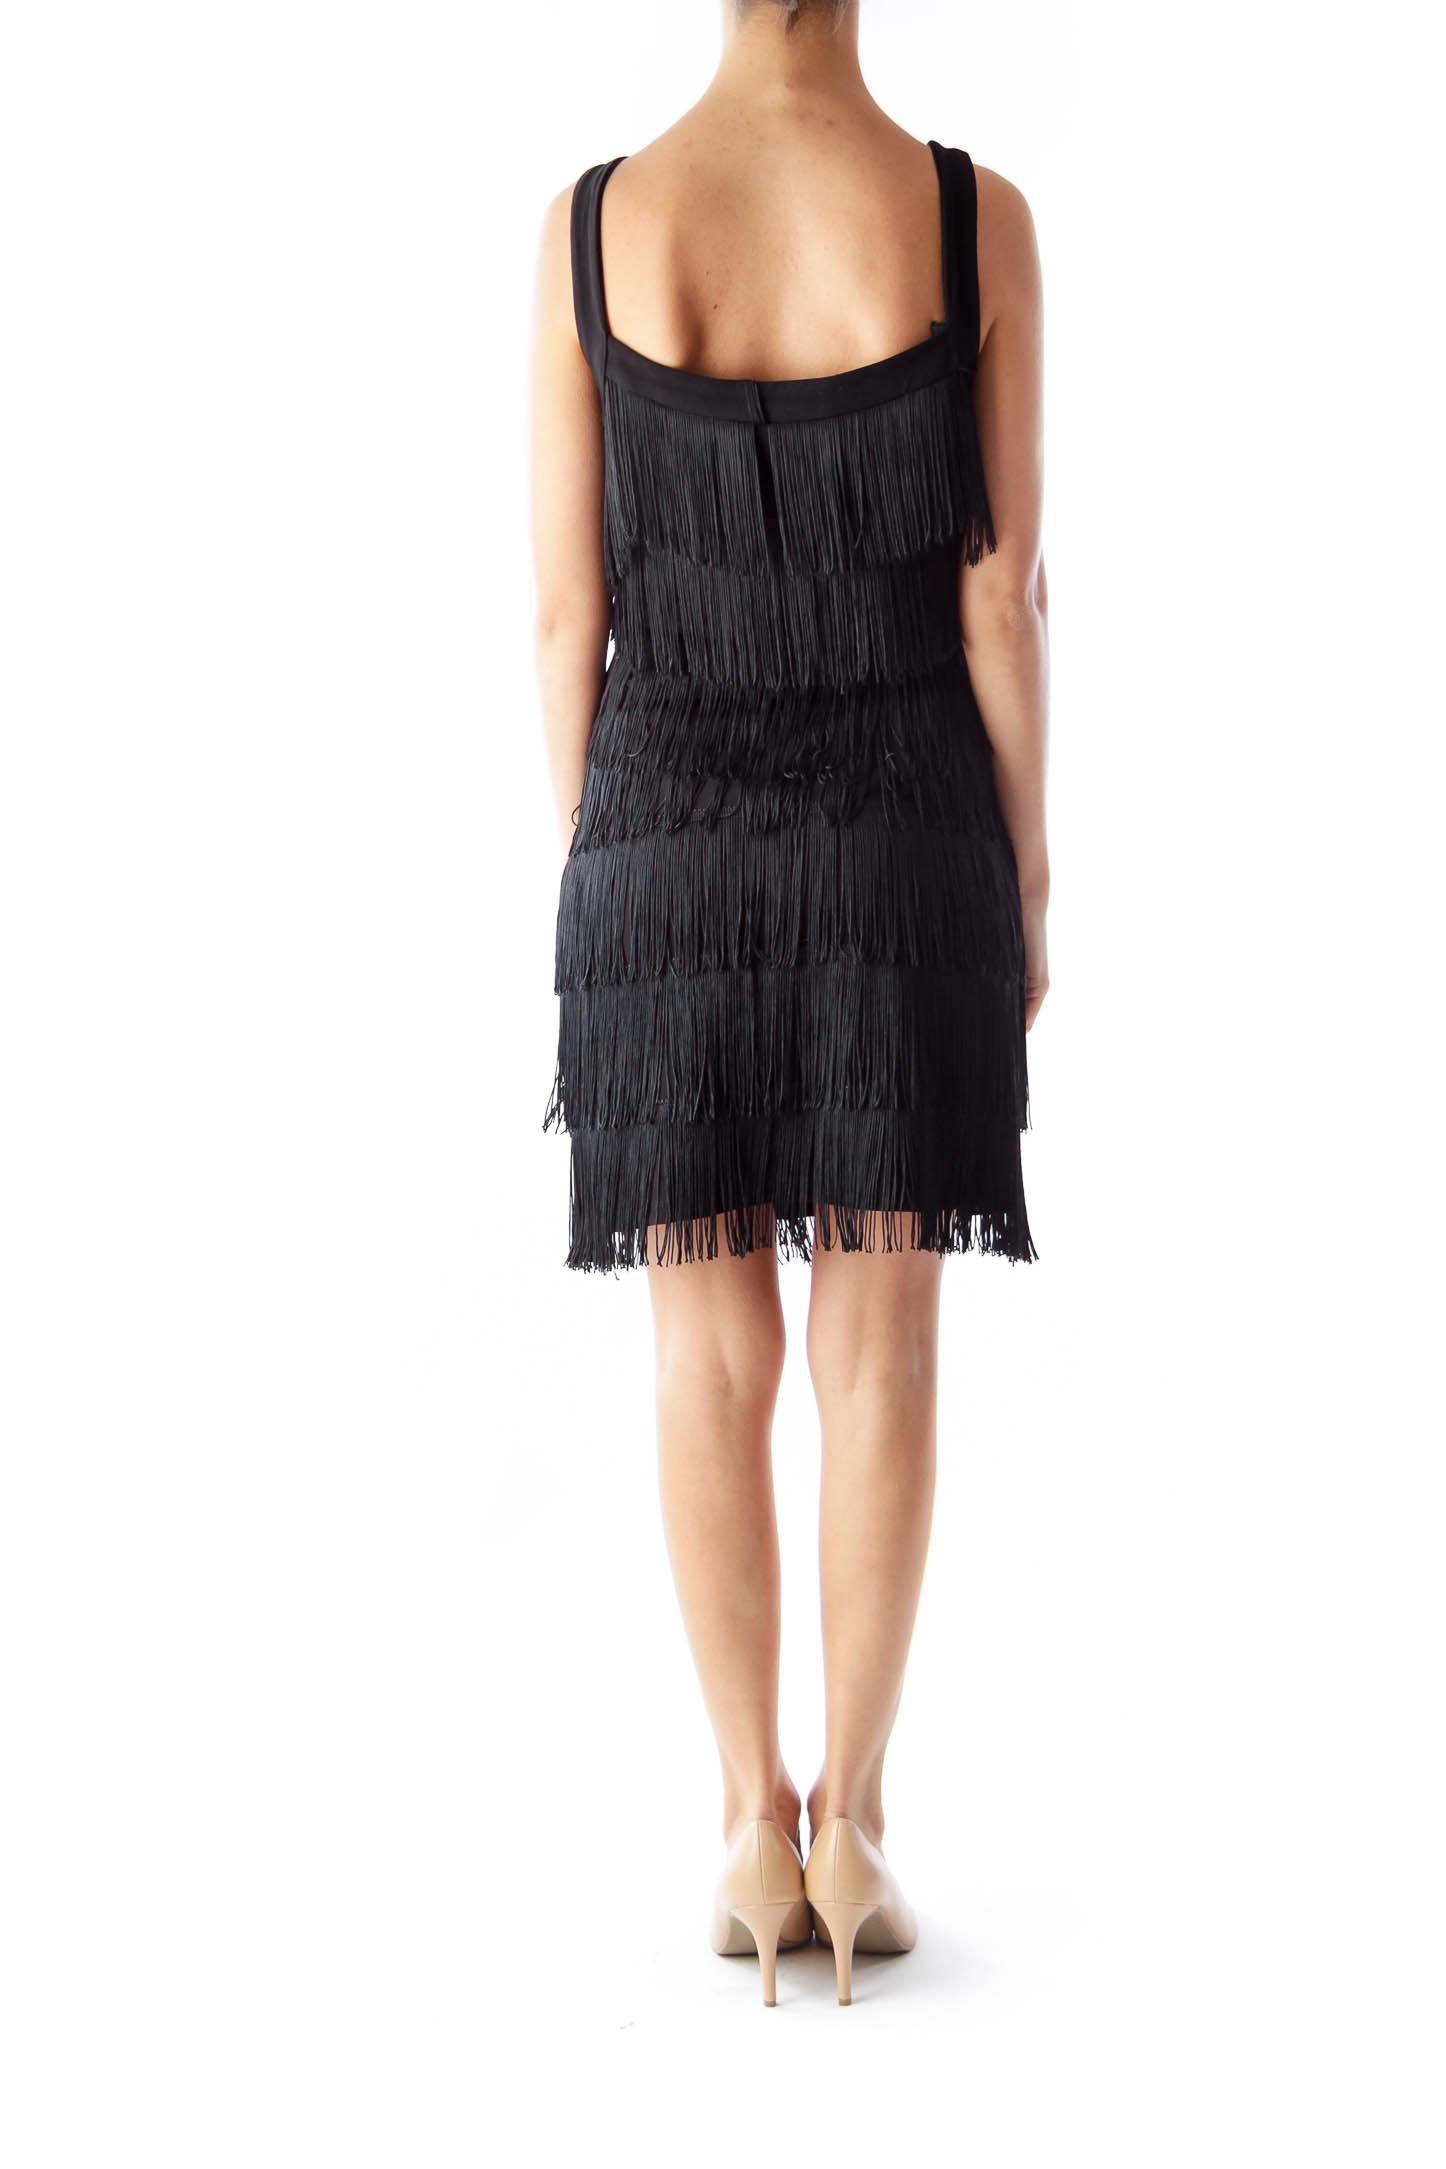 Black Fringe Cocktail Dress [S] - SilkRoll